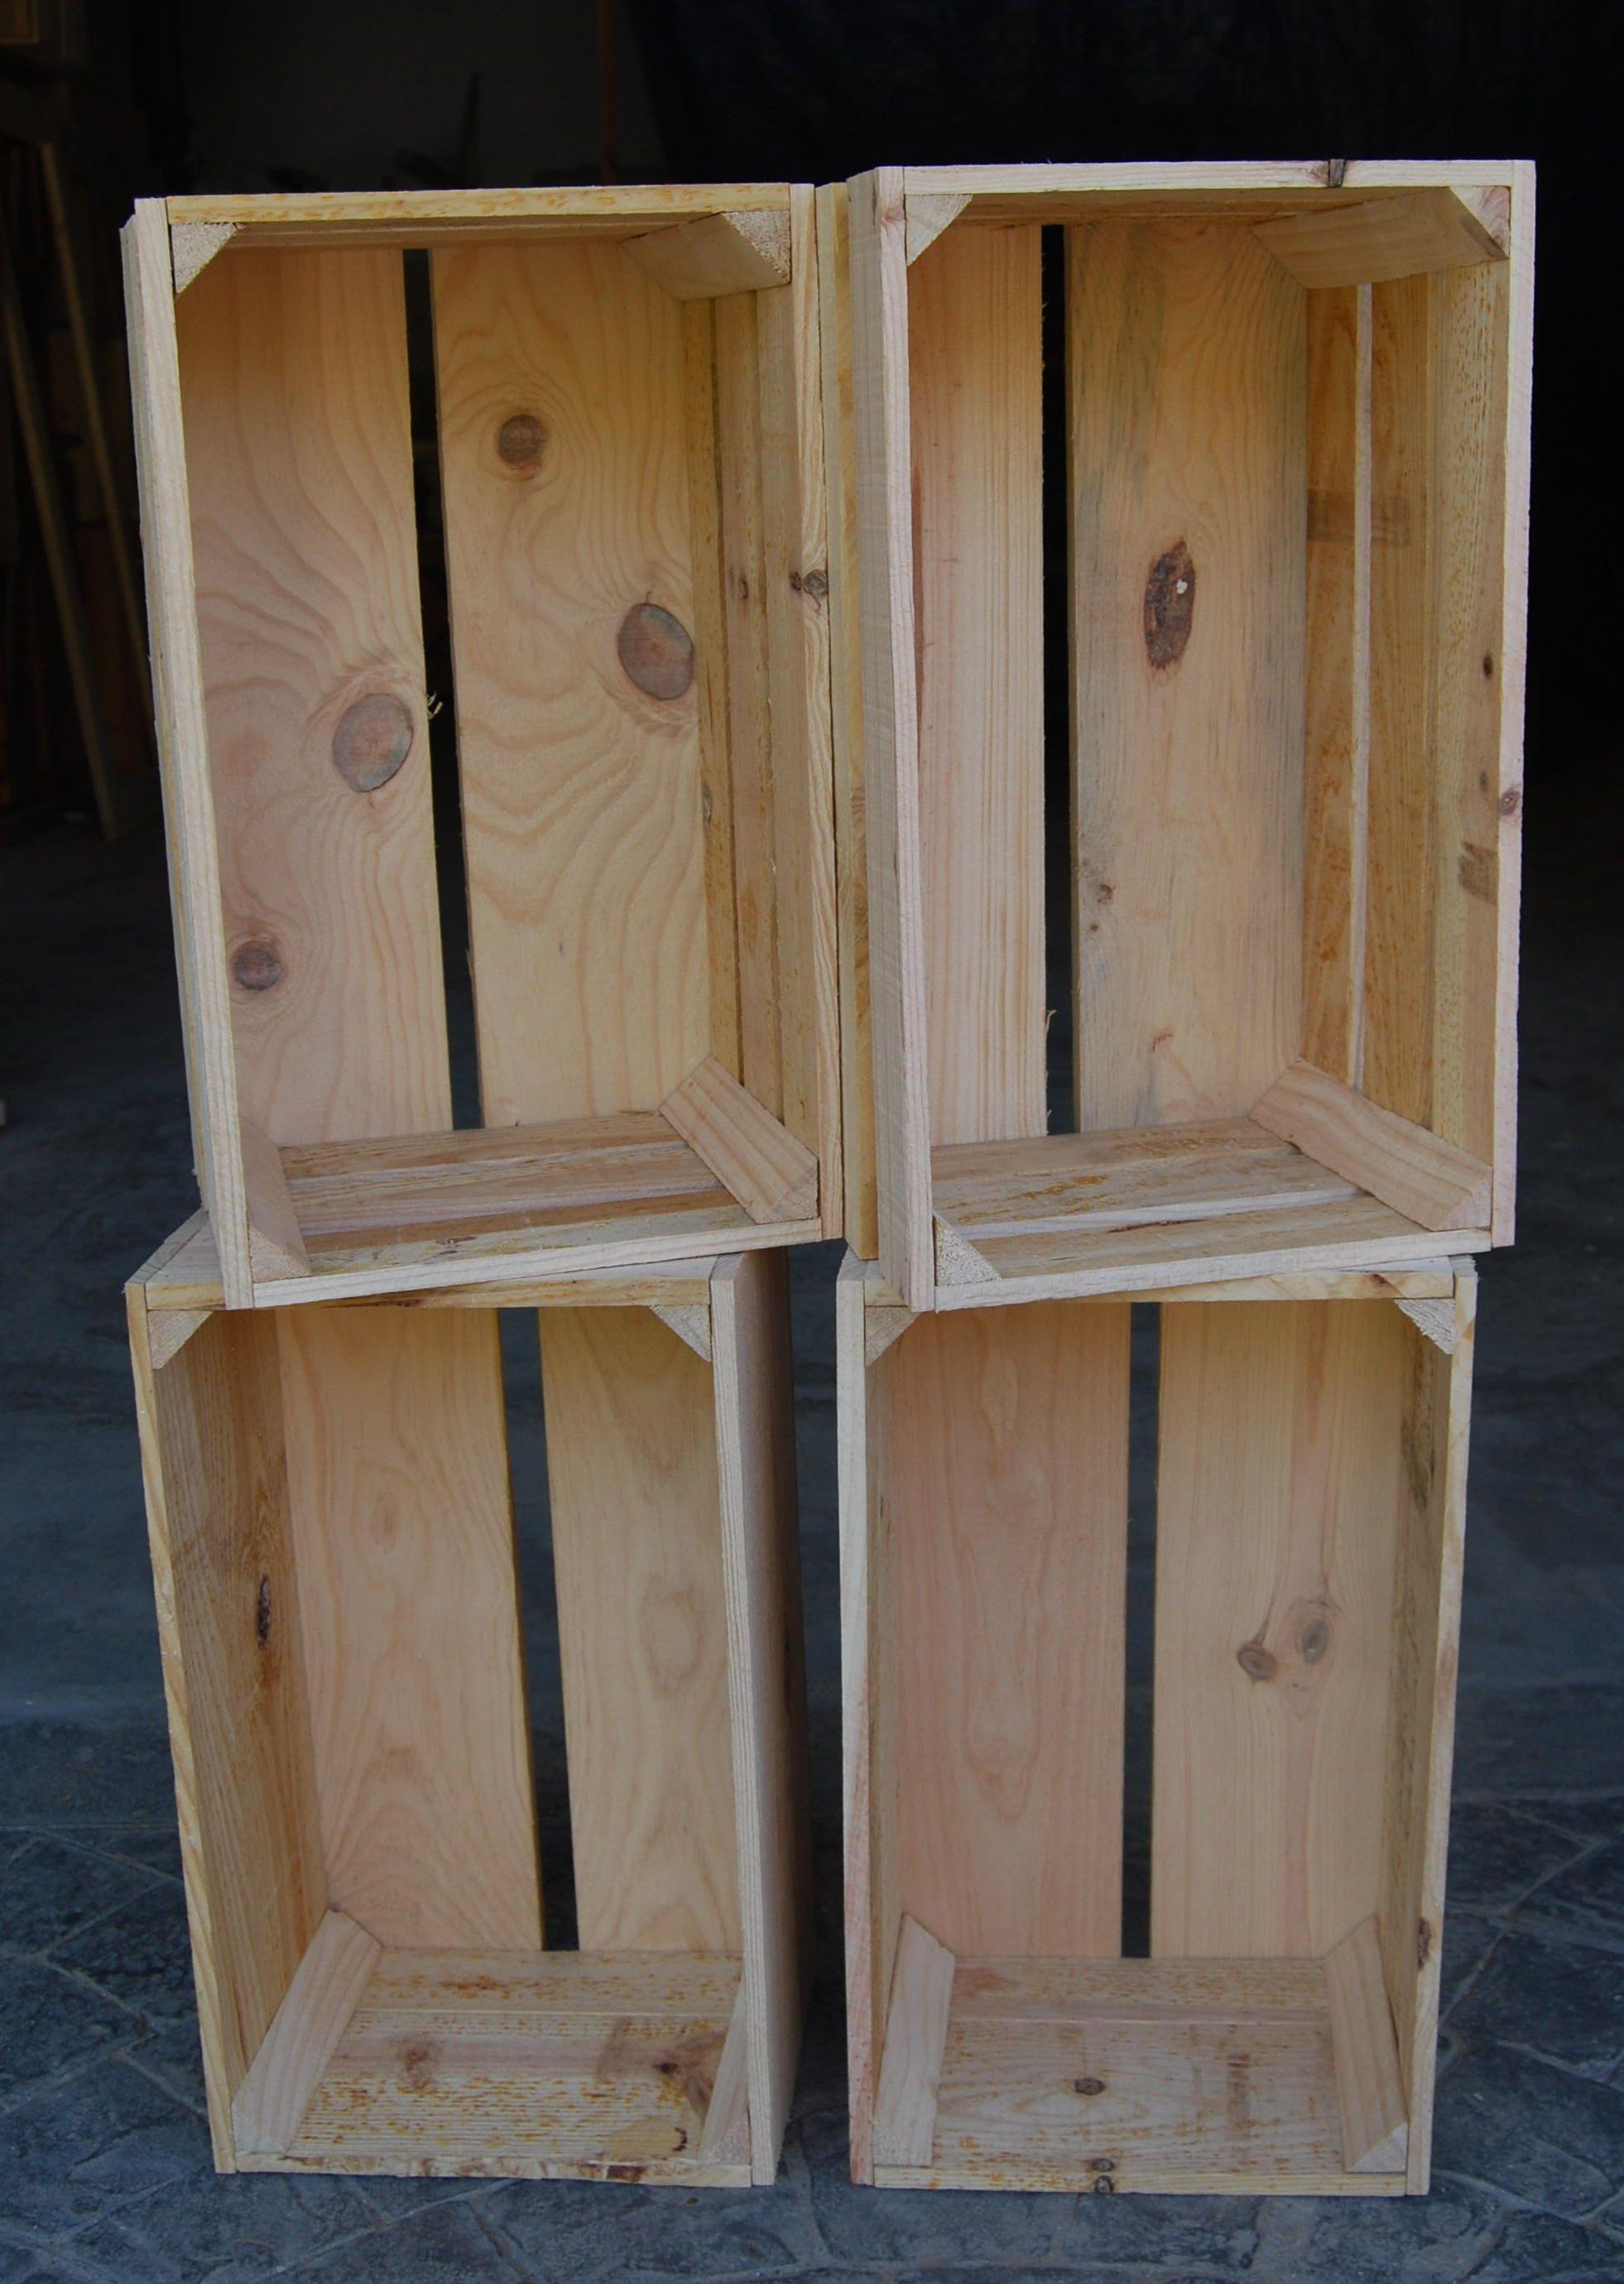 Cajas a color natural madera mueble rustico cosas for Muebles rusticos de madera